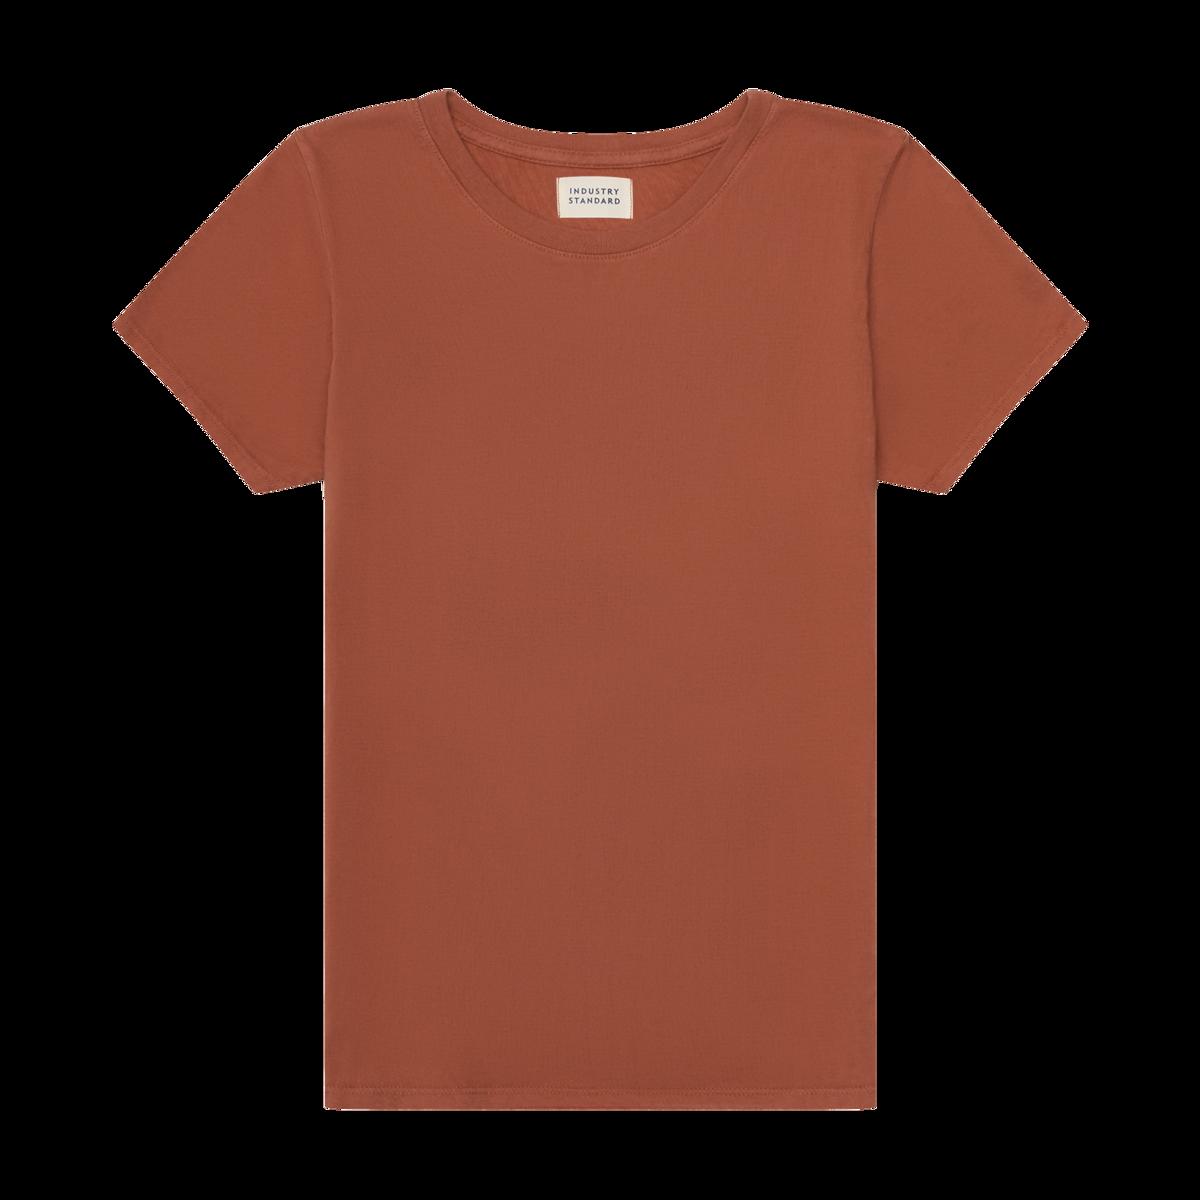 tshirt clothing ecommerce photography